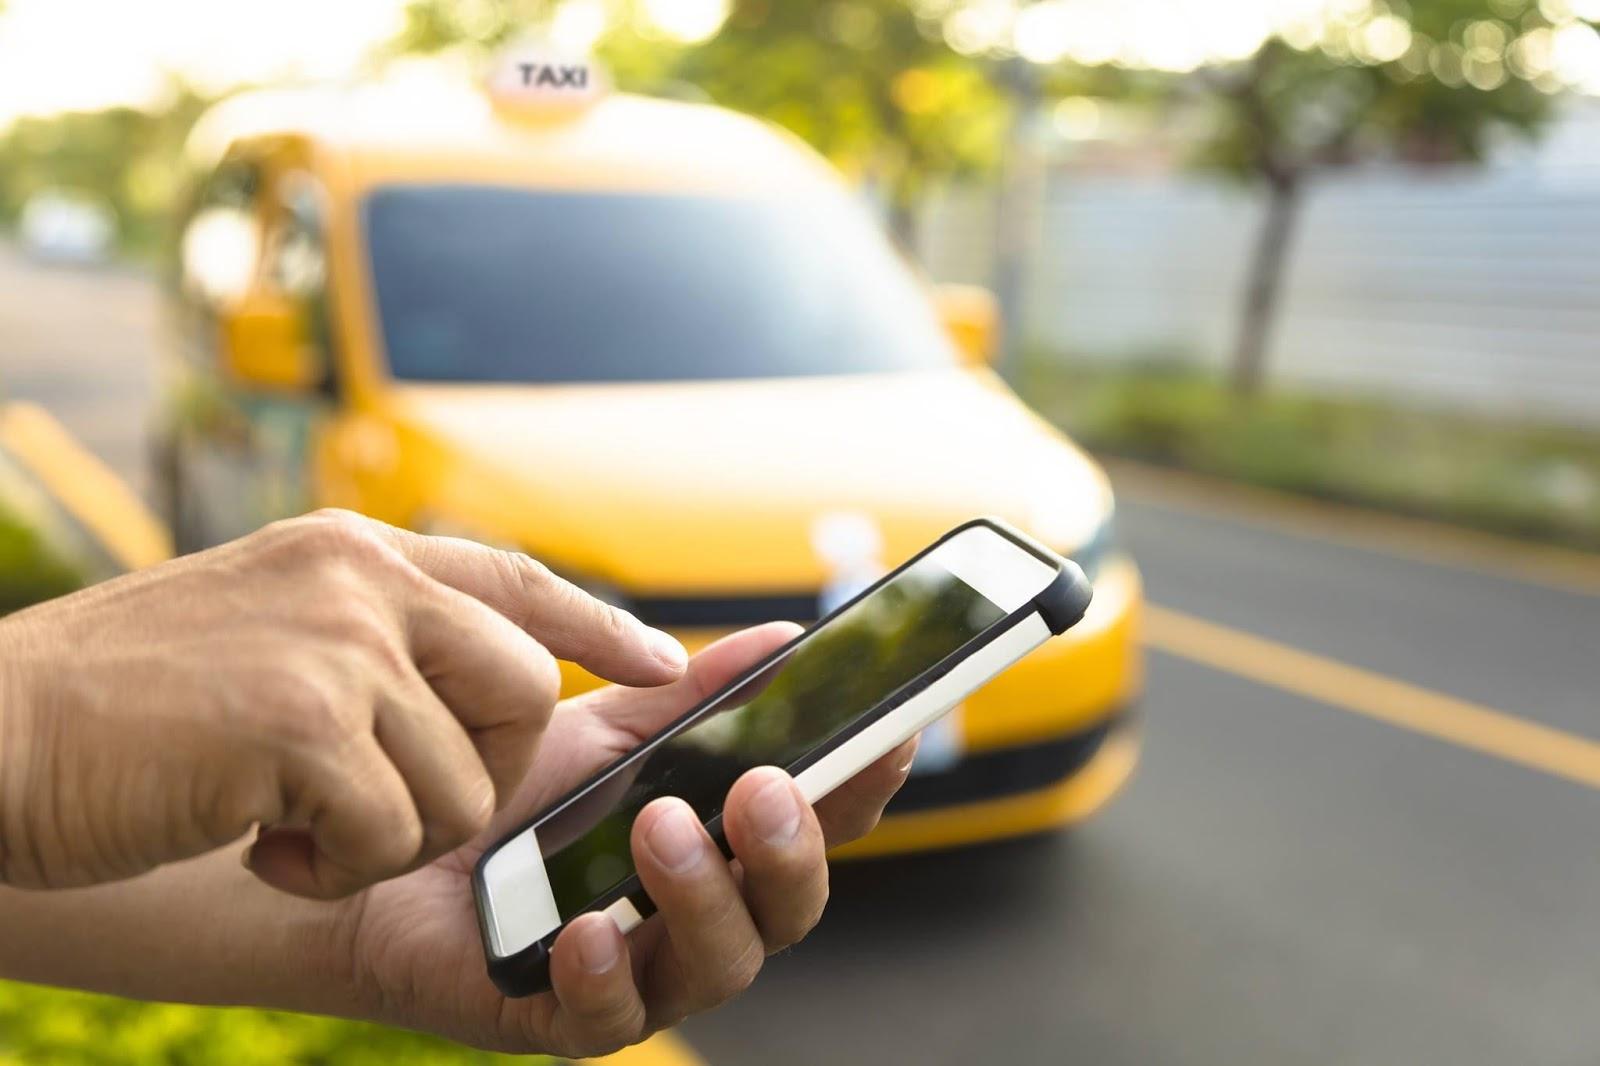 «ВСЕ ТАКСИ» - удобный сервис для быстрого вызова такси в Вашем городе